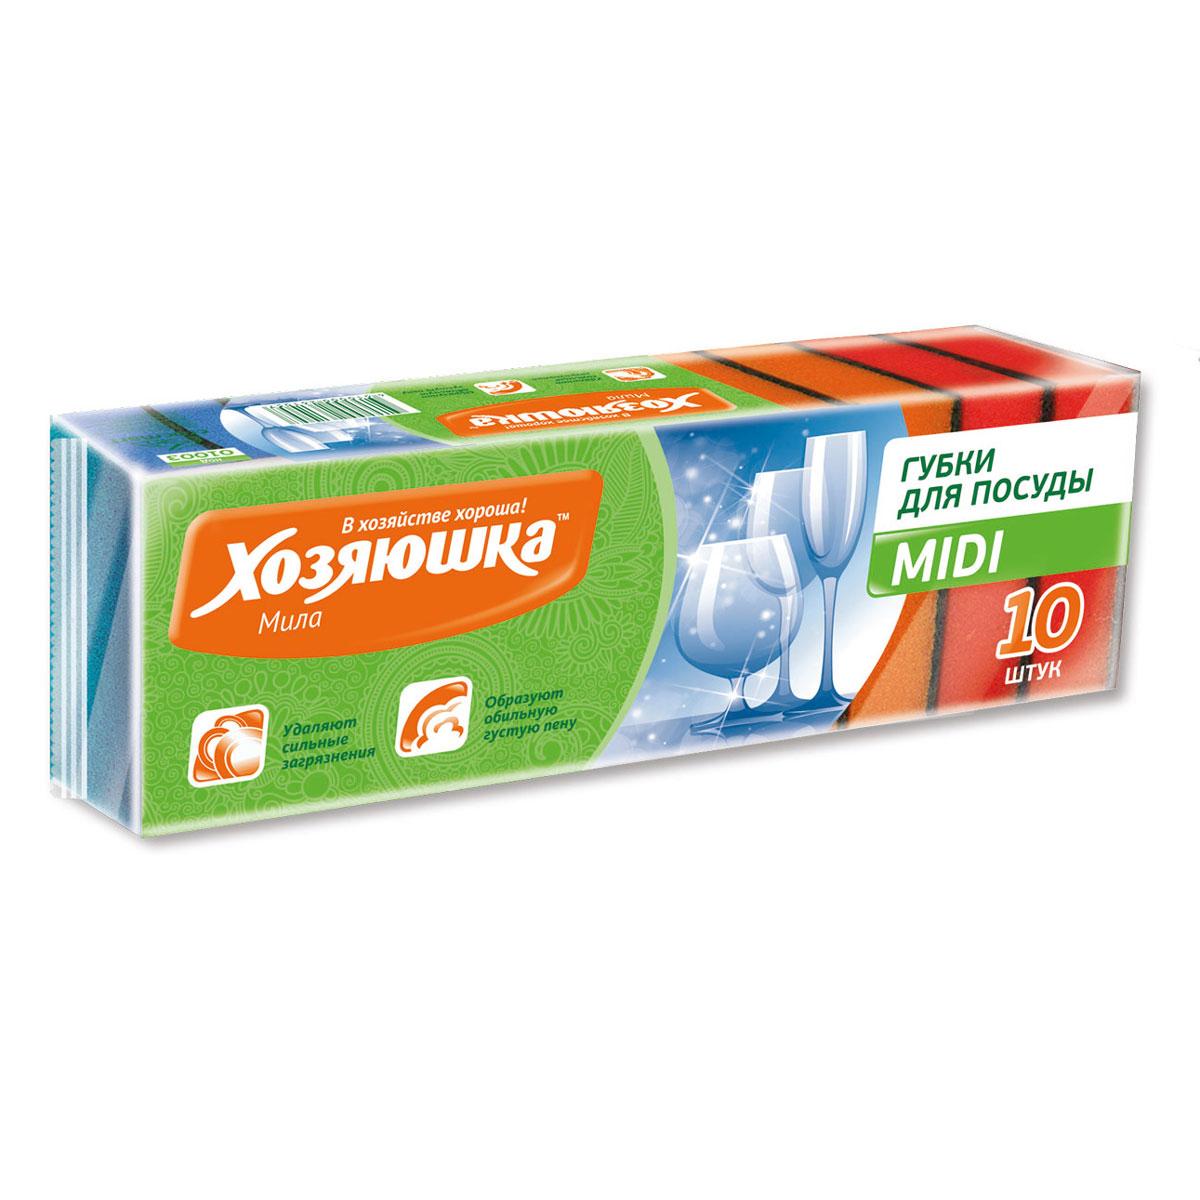 Набор губок для мытья посуды Хозяюшка Мила Midi, 10 шт01003Набор Хозяюшка Мила Midi состоит из трех губок для мытья посуды, изготовленных из абразивного полимера и поролона. Они подходят для тефлоновых поверхностей, долговечны. Губки Хозяюшка Мила Midi обладают высокой прочностью и химической стойкостью. Размер губки: 8,5 х 5 х 2,5 см.